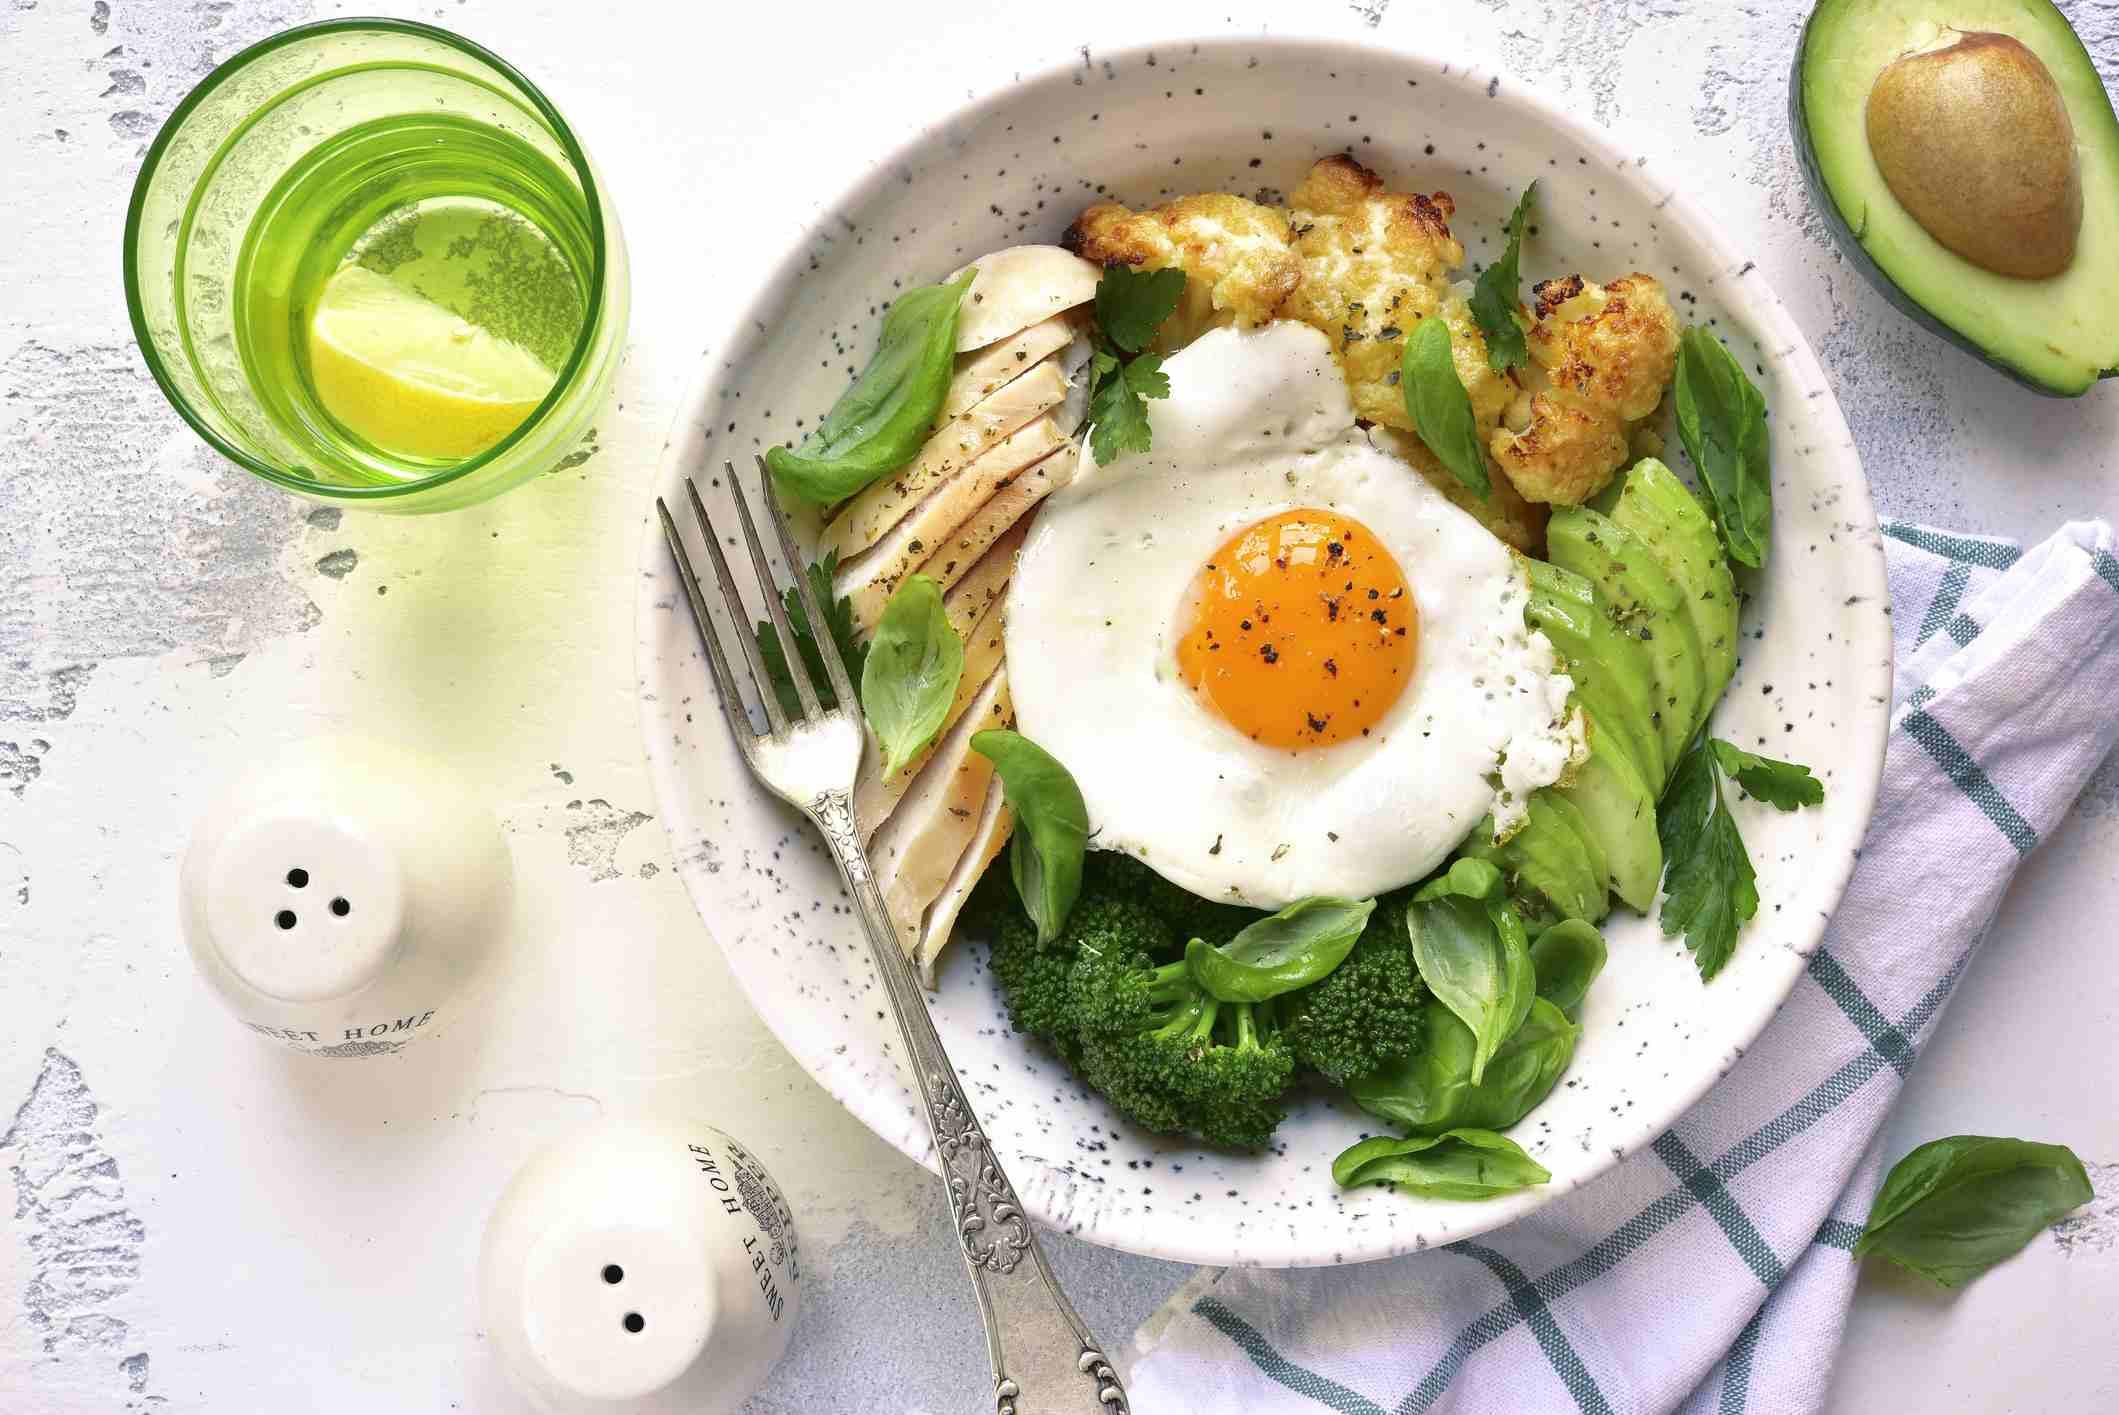 eggs, broccoli, avocado, chicken, and cauliflower in white bowl